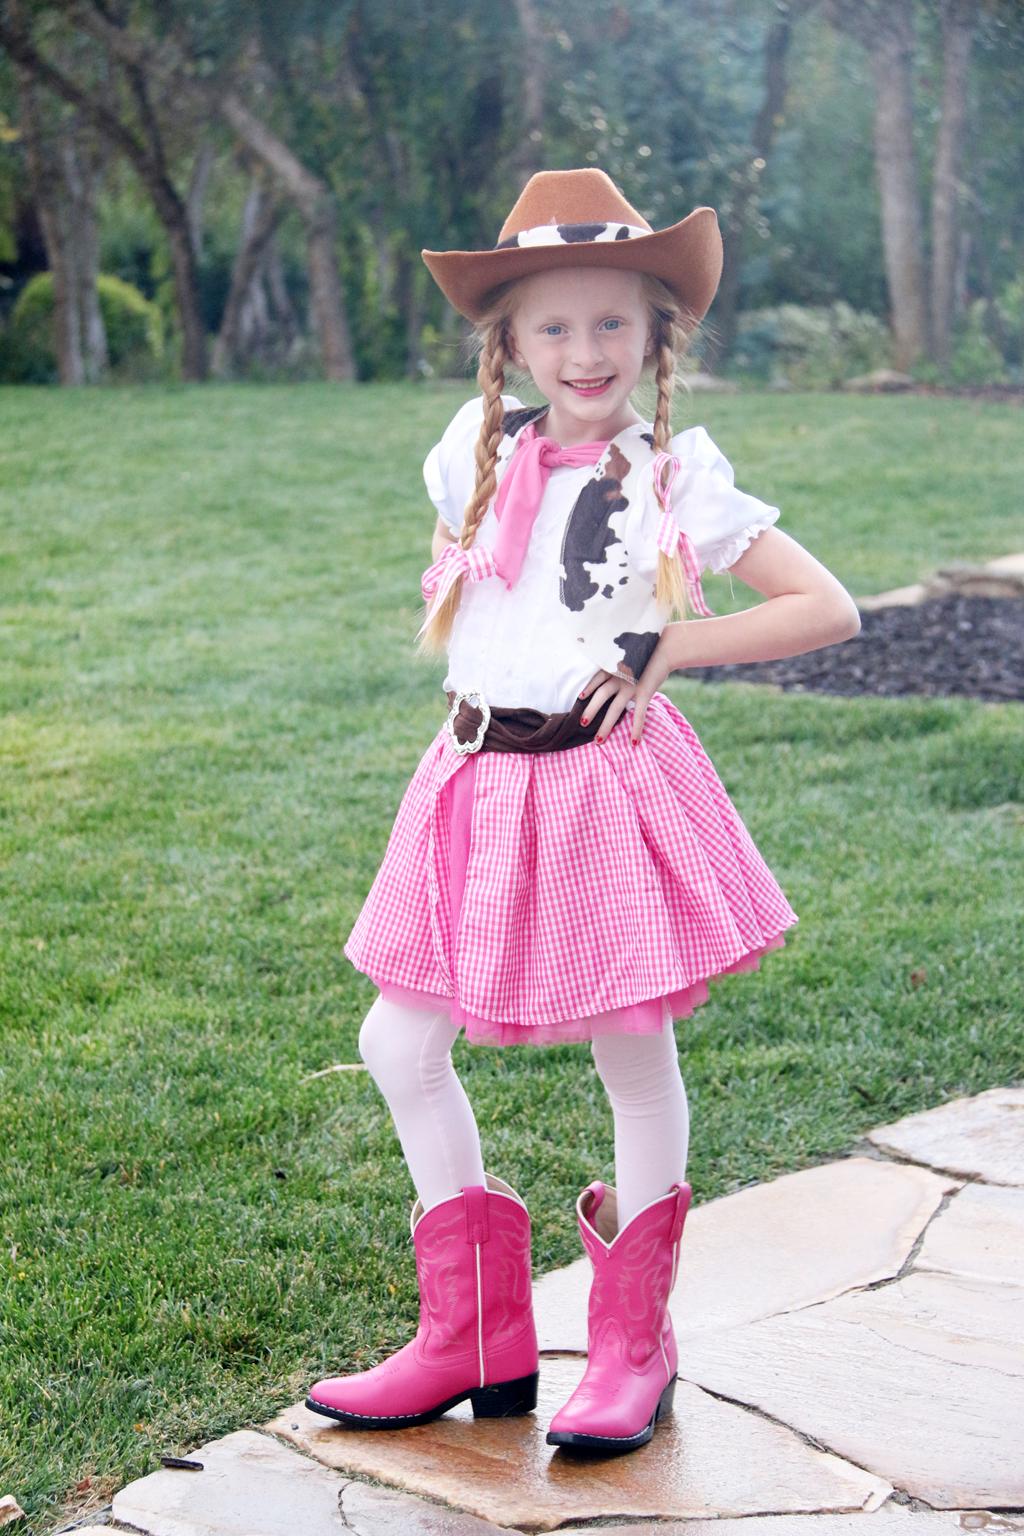 cc-hallie-cowgirl